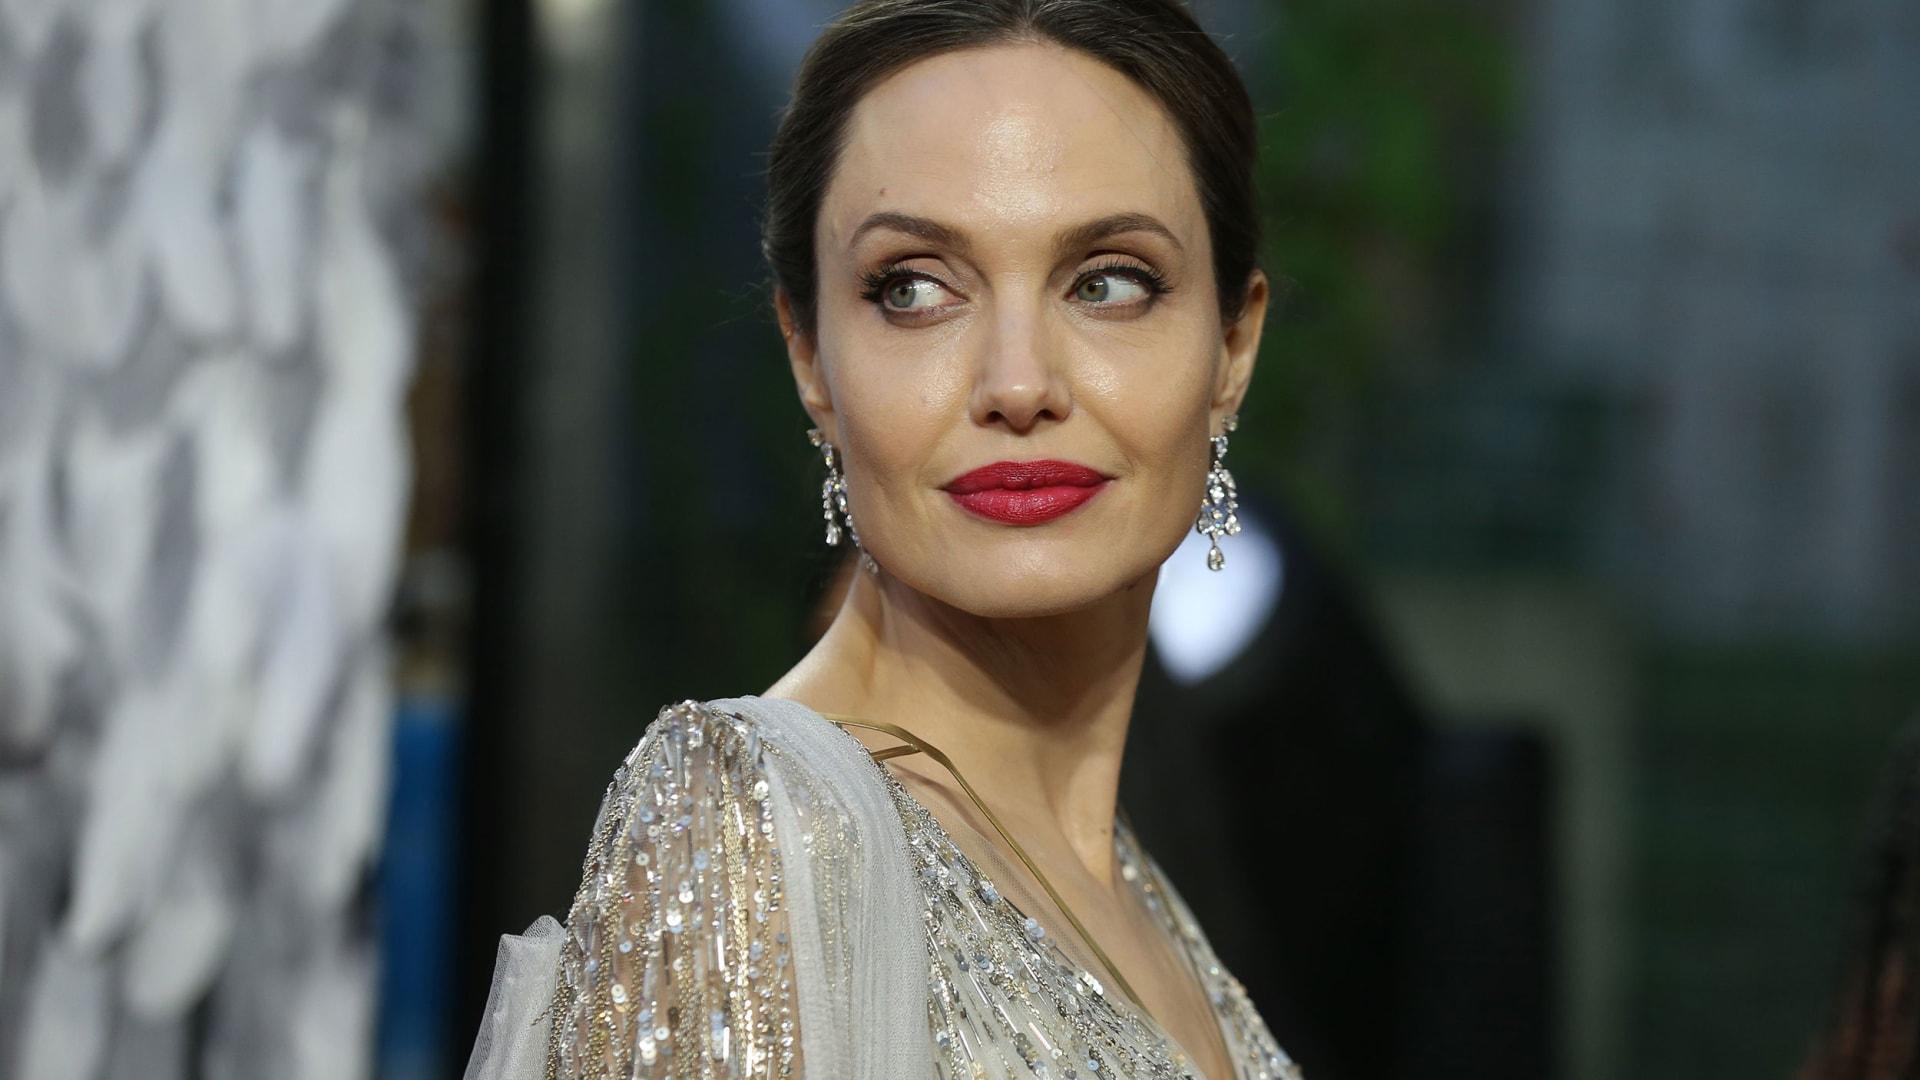 كانت هدية من براد بيت.. أنجلينا جولي تبيع تبيع لوحة رسمها ونستون تشرشل في المغرب بالحرب العالمية الثانية